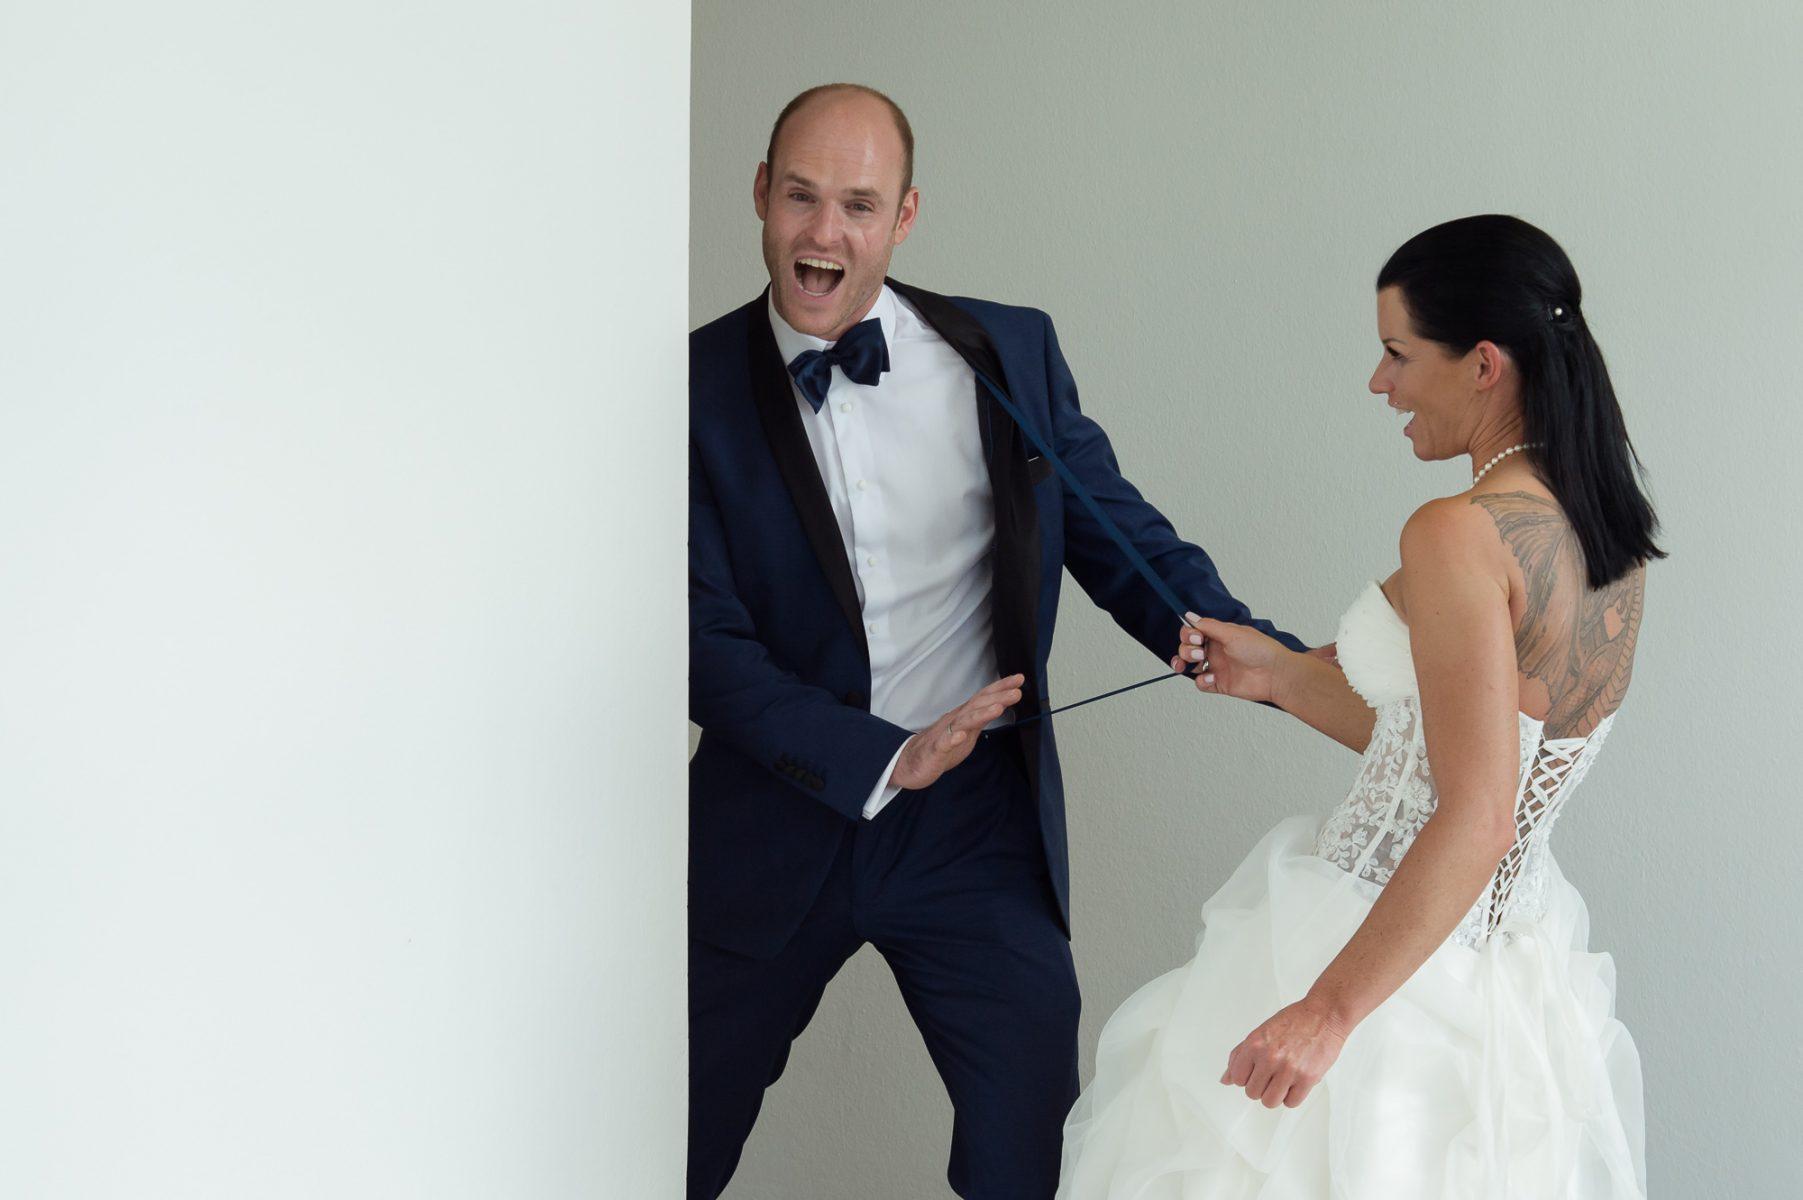 Hochzeit B2000  4517 147 1803x1200 - Hochzeitsfotografie